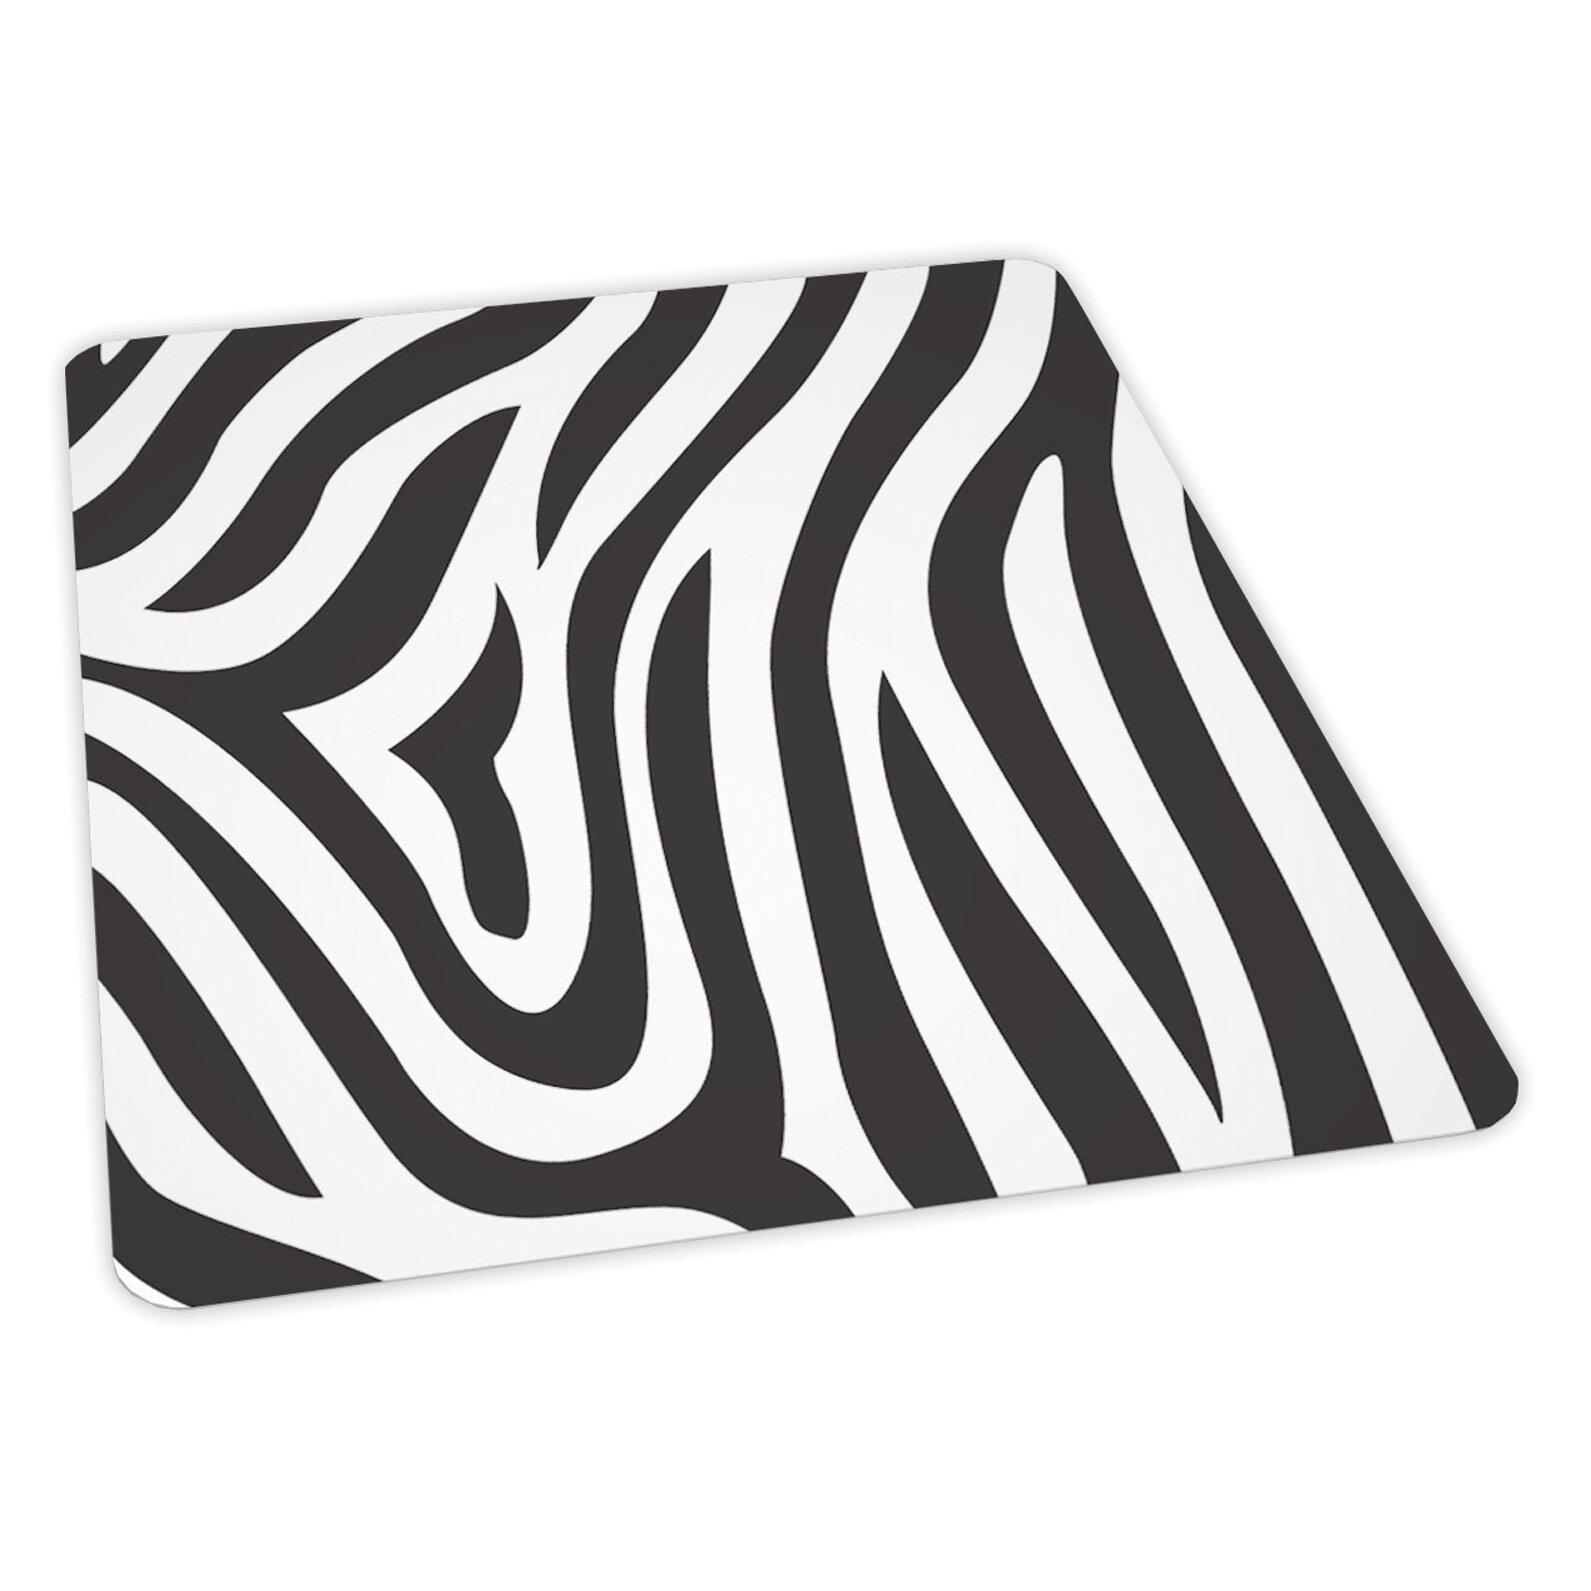 ES Robbins Zebra Design Chair Mat amp Reviews Wayfair : ES Robbins Corporation Zebra Design Chair Mat 118751 Office Chair Mats for <strong>Hardwood Floors</strong> from www.wayfair.com size 1591 x 1591 jpeg 153kB